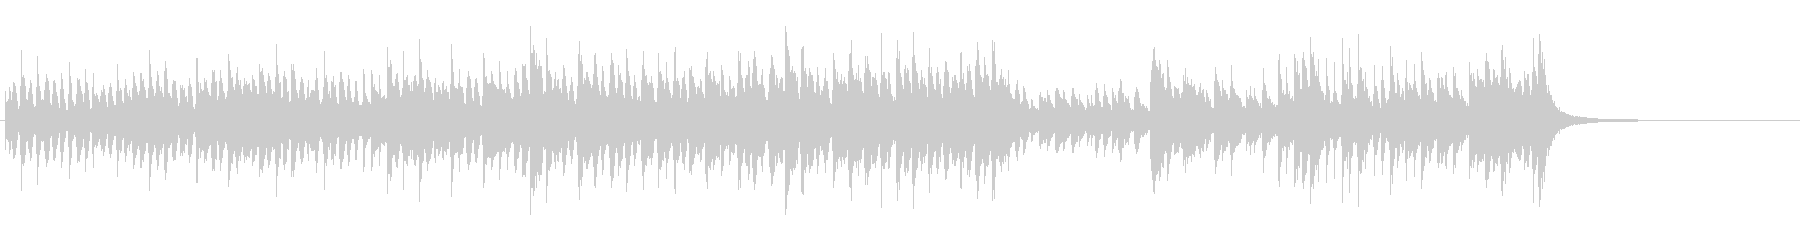 ルーツ・ミュージック(インドネシア風)の未再生の波形